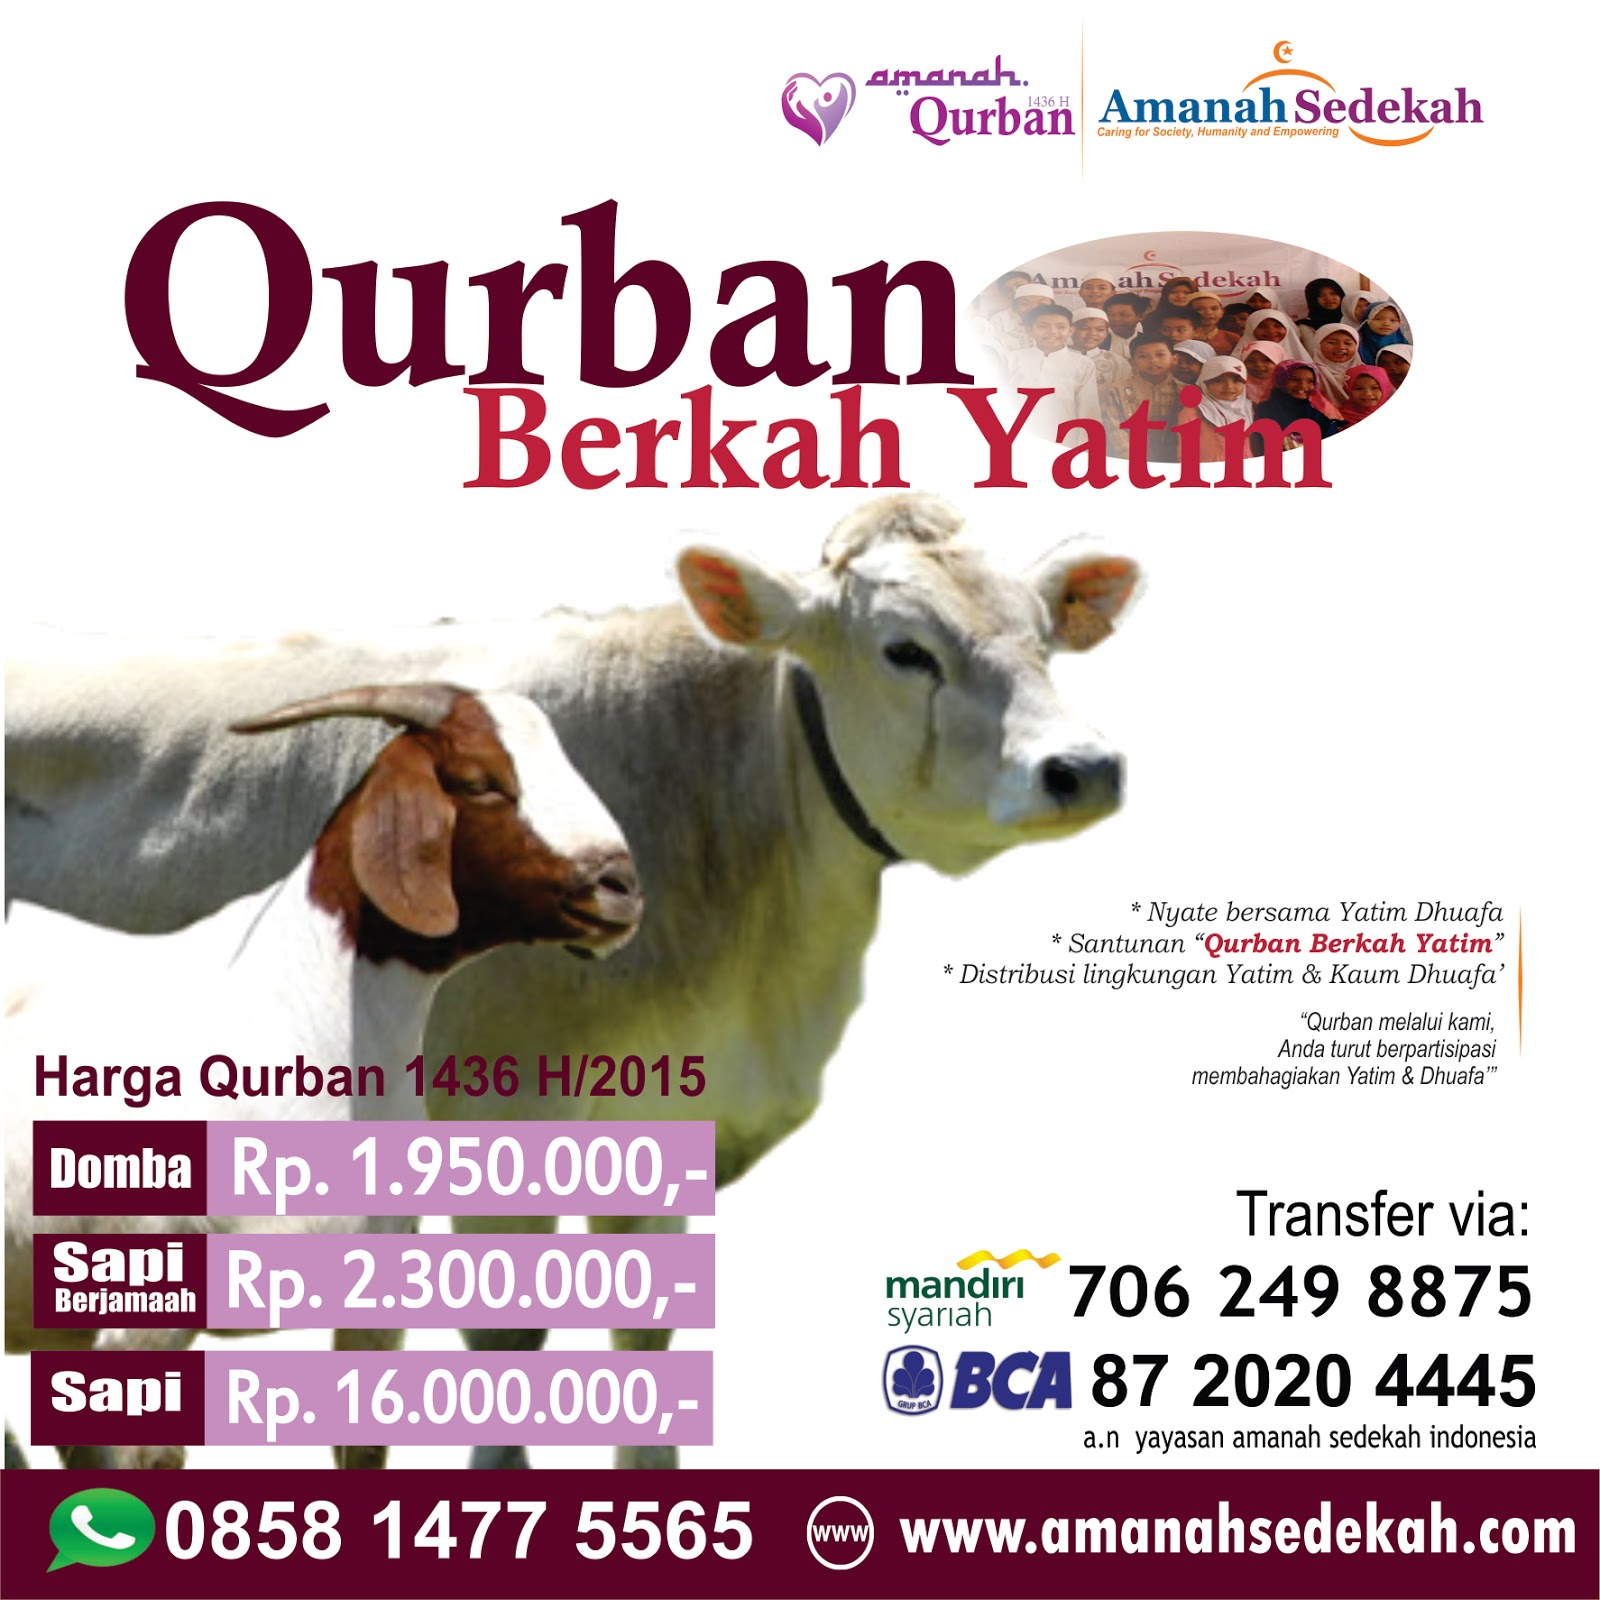 480 Koleksi Dp Gambar Motivasi Qurban Gratis